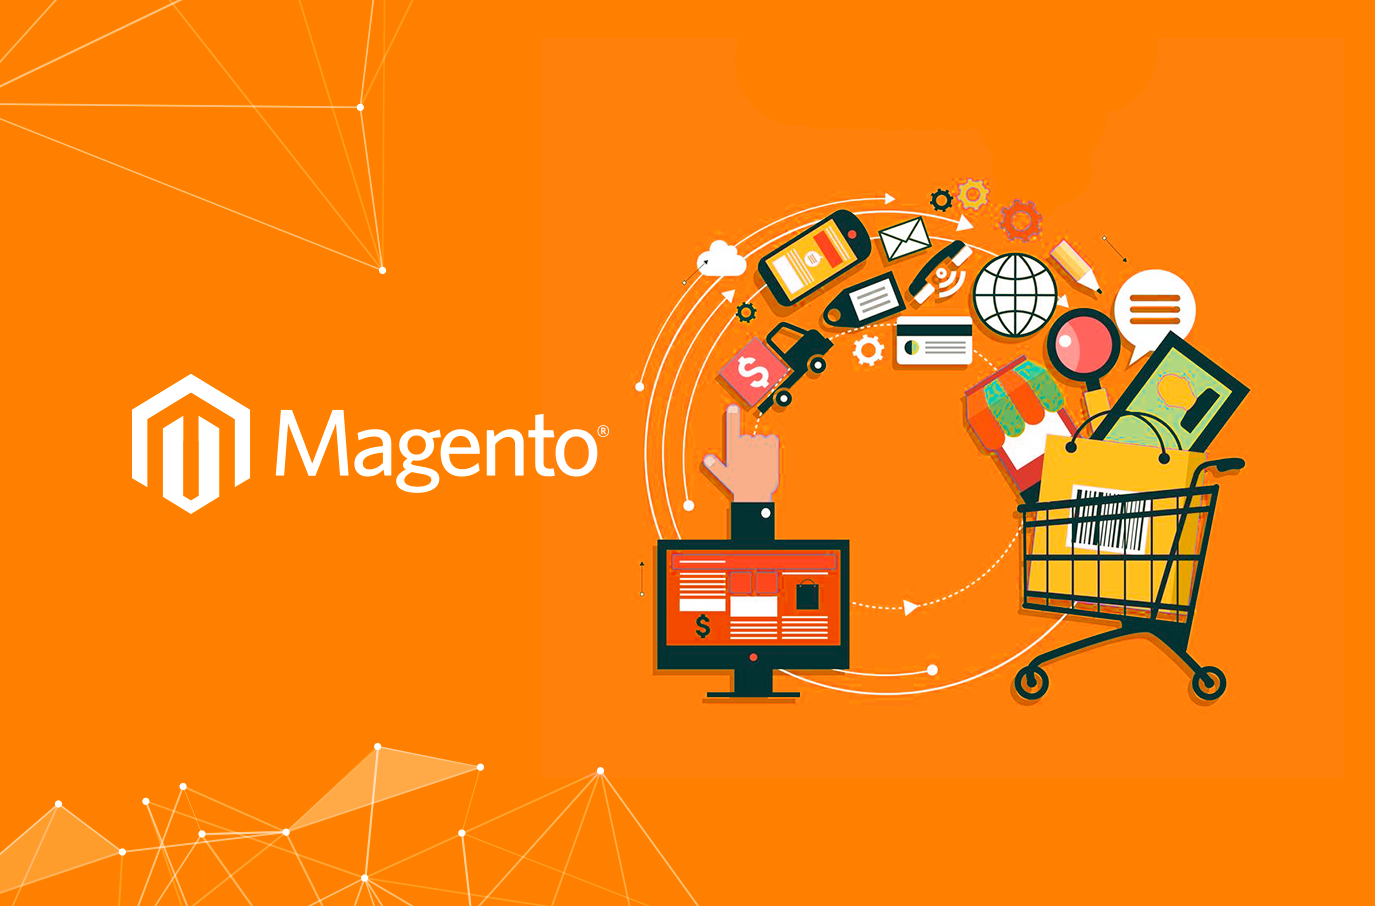 bd8529d78 Magento  a melhor plataforma para o seu e-commerce